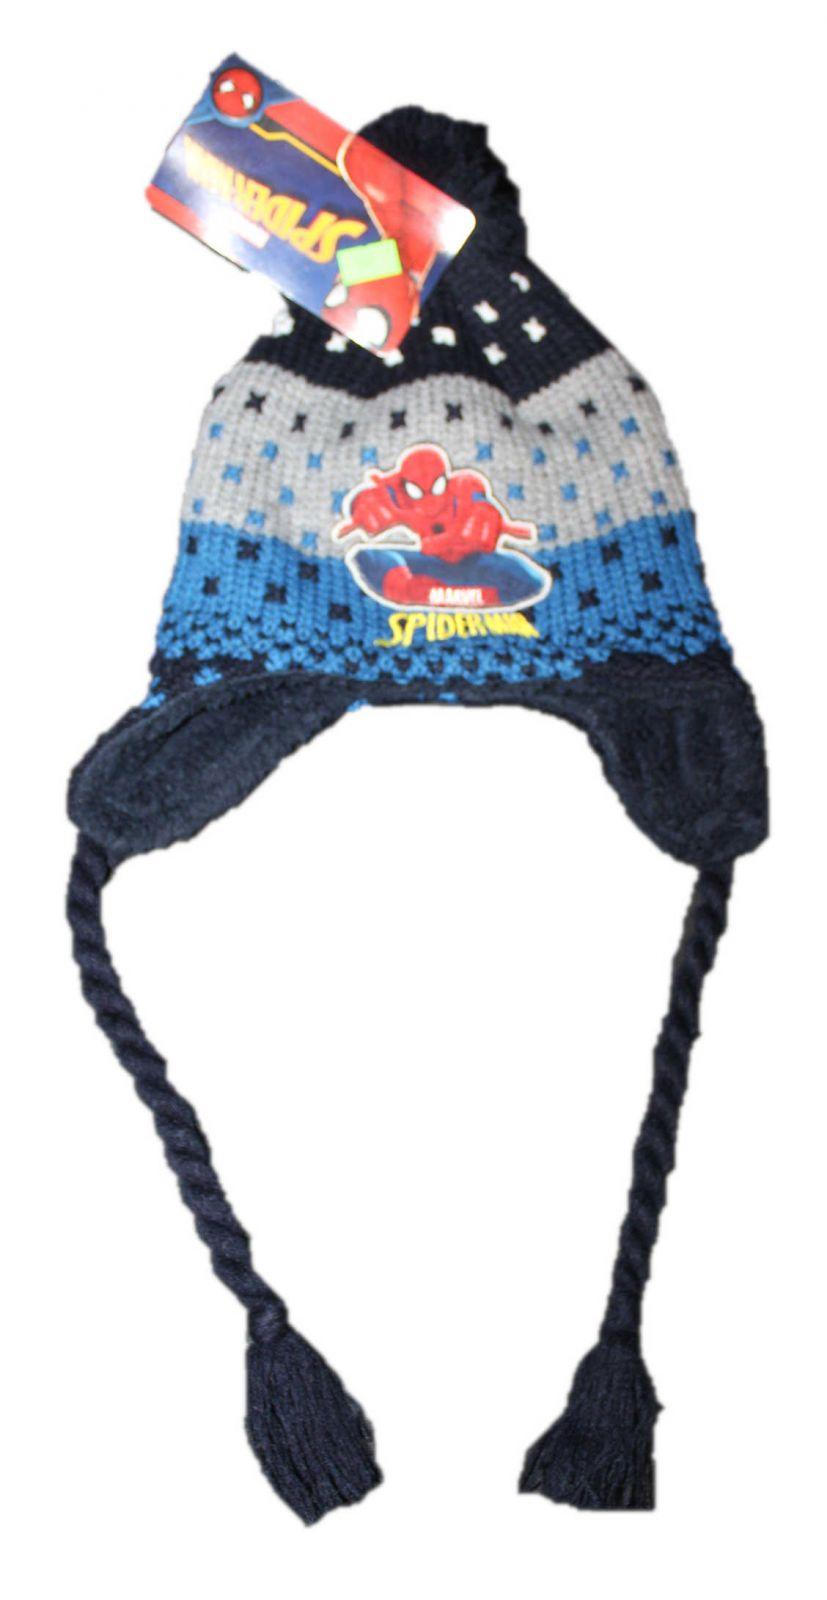 dětská čepice Spiderman, ušanka spiderman chlapecká zimní čepice, chlapecká ušanka spiderman Marvel